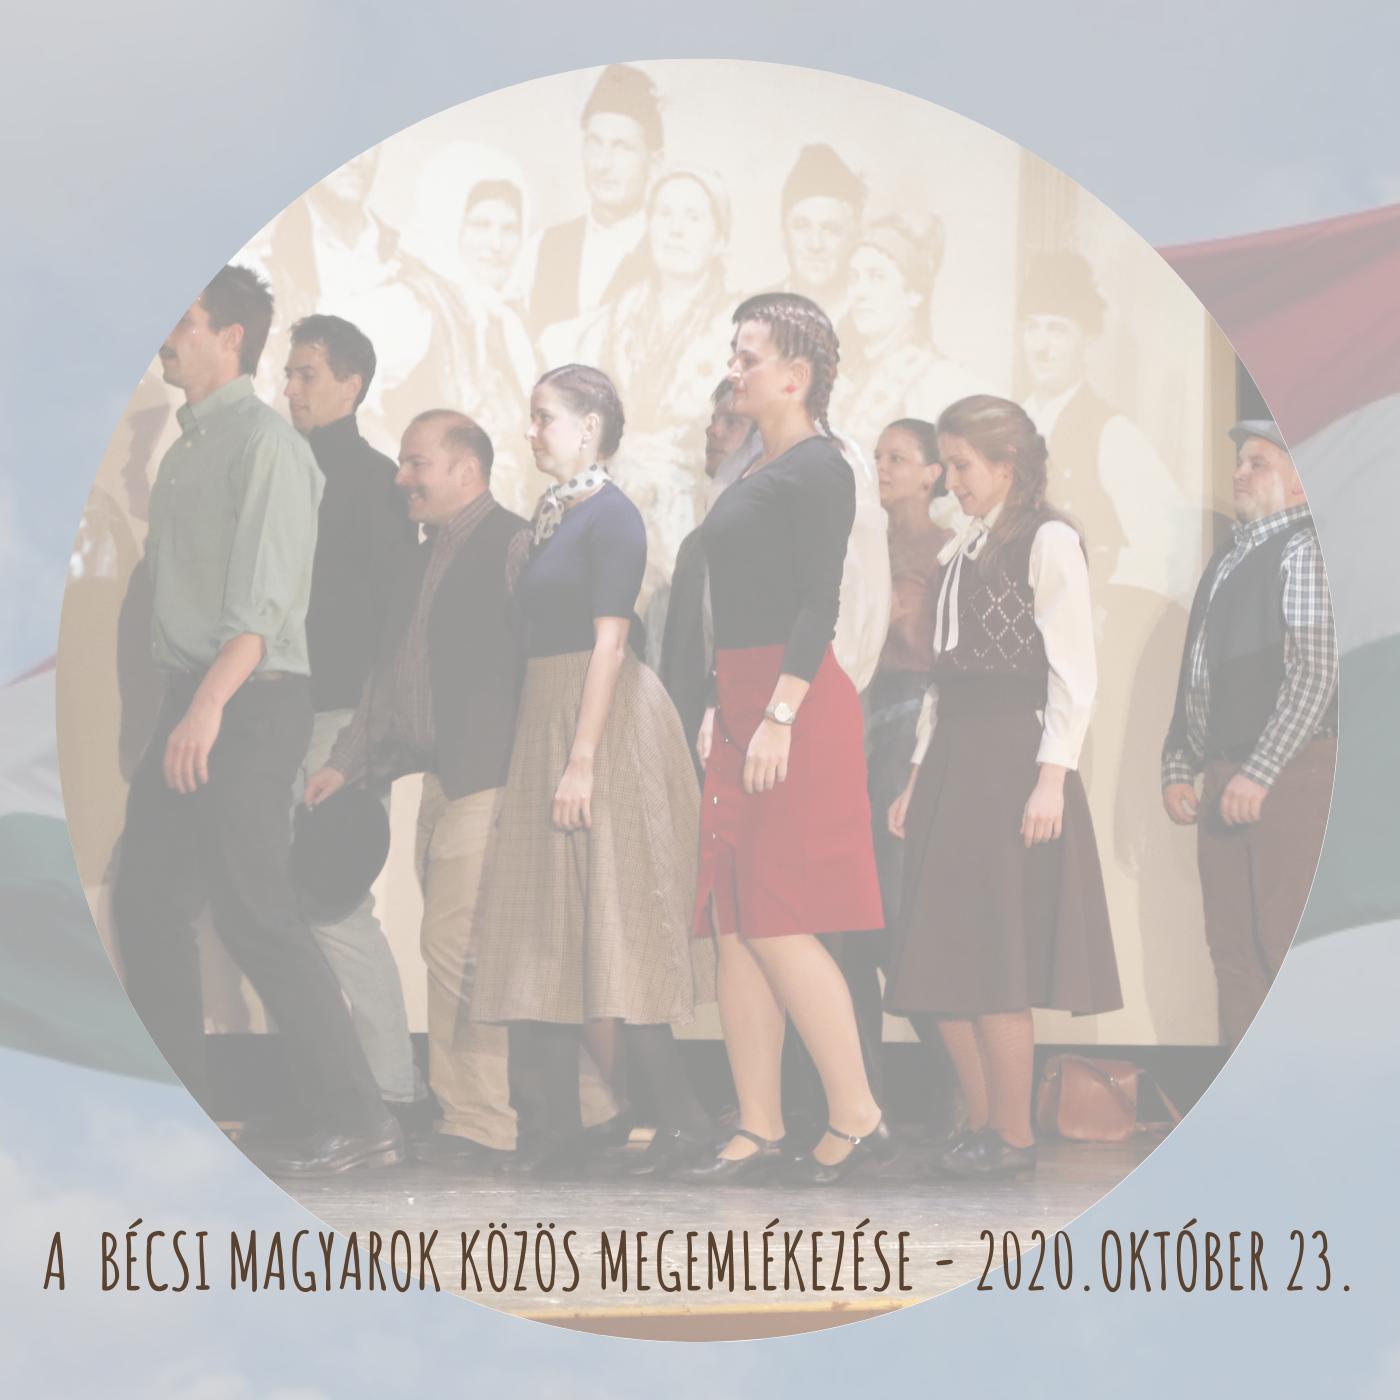 Online emlékeztek meg idén a bécsi magyarok 1956 október 23-ról